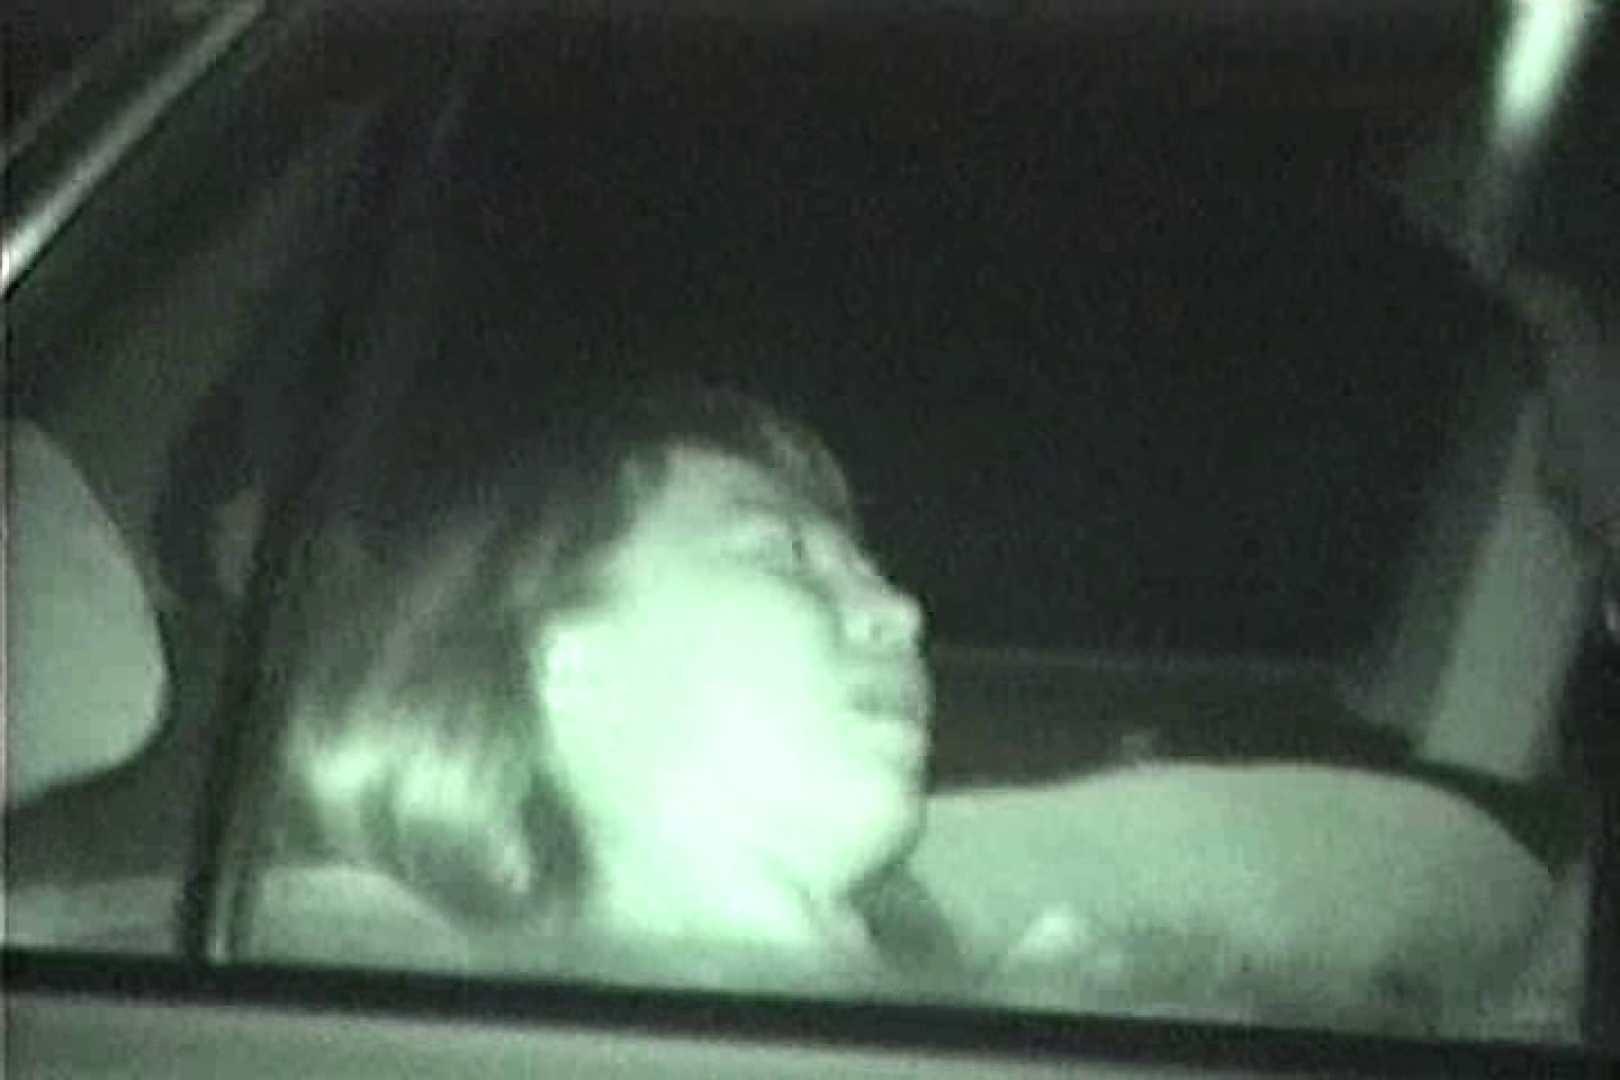 車の中はラブホテル 無修正版  Vol.9 美女OL オメコ無修正動画無料 88連発 72